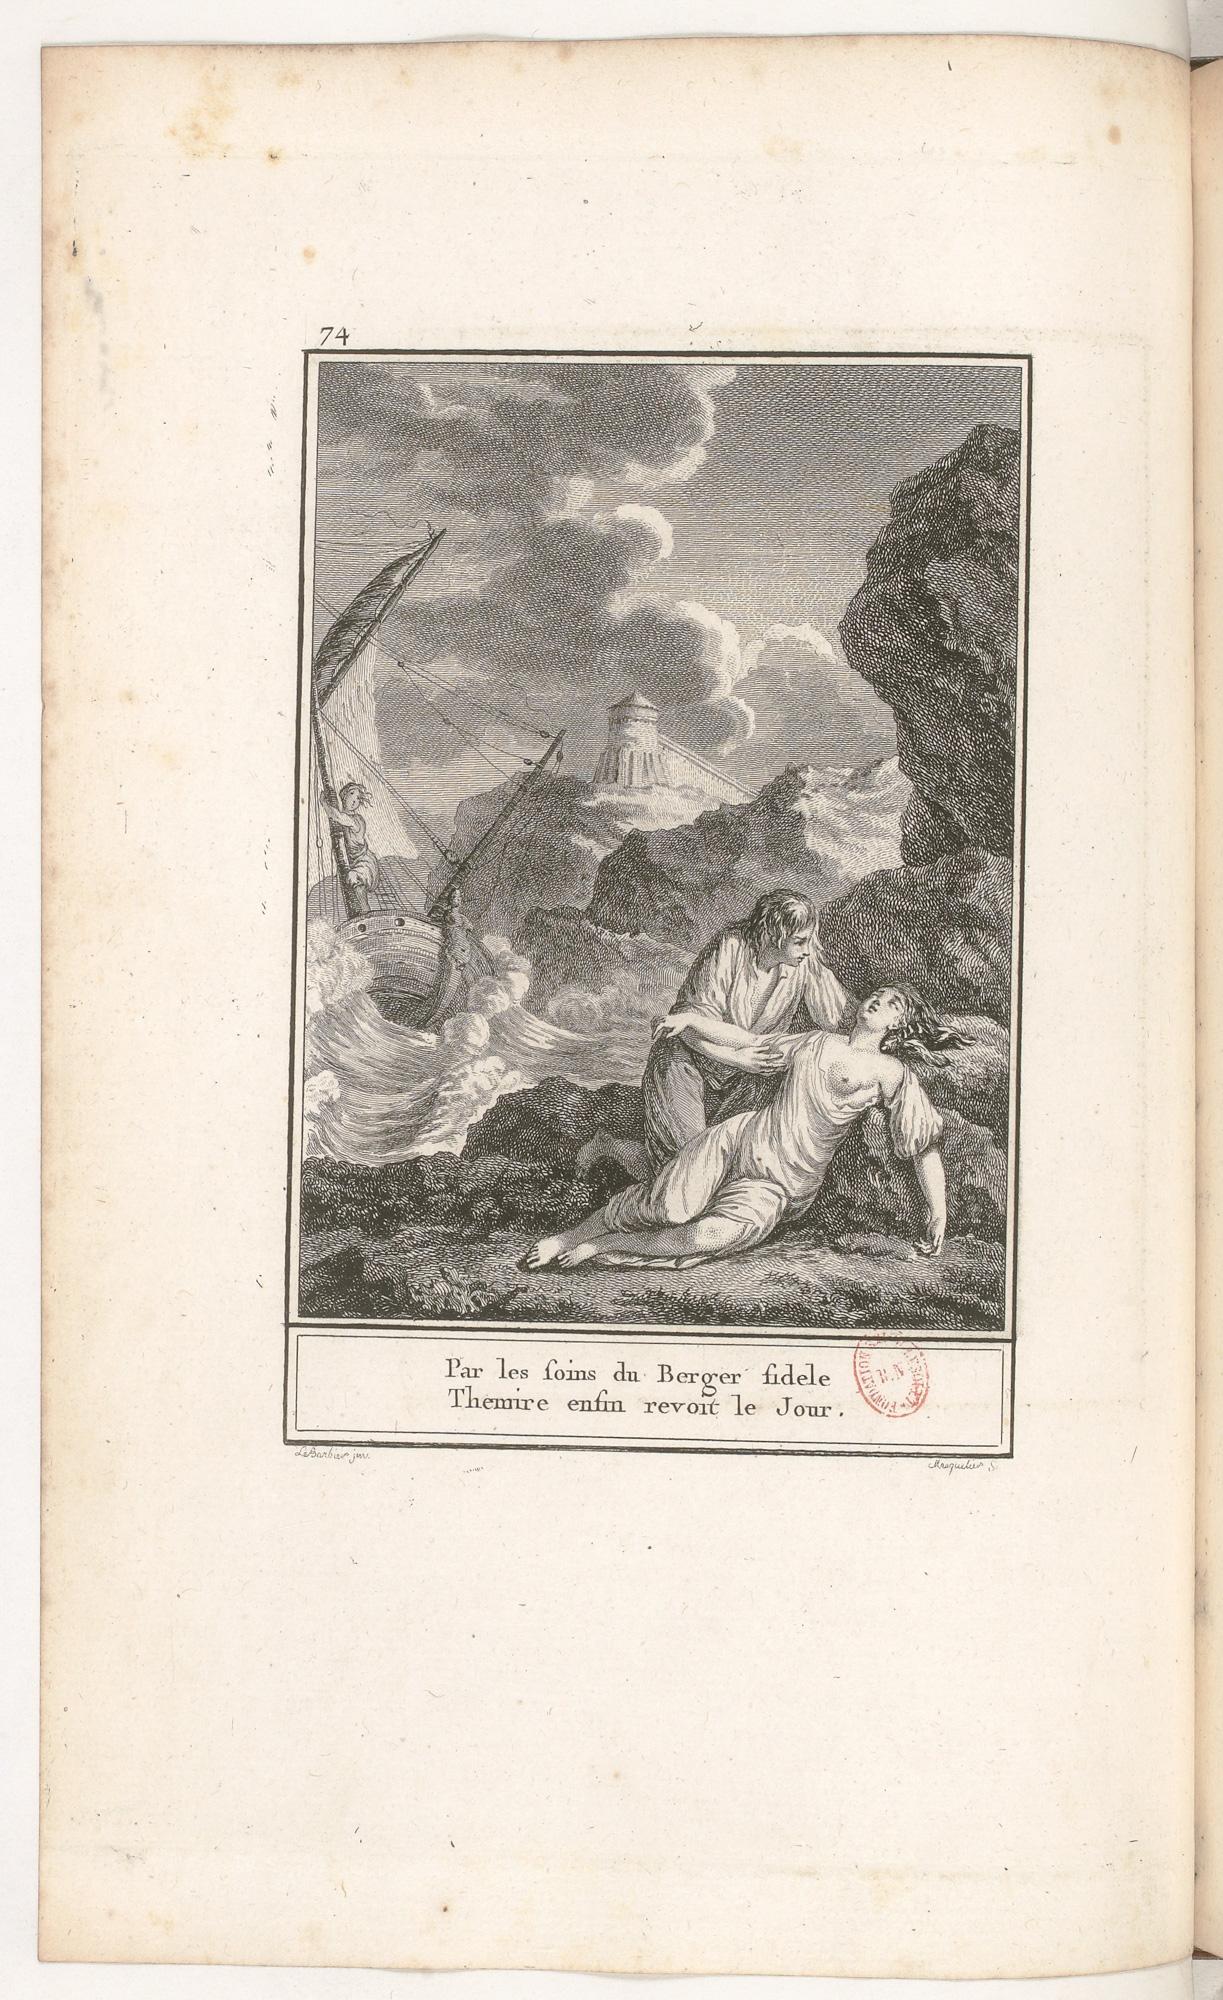 S.4.13 L'heureux naufrage,1772, Image